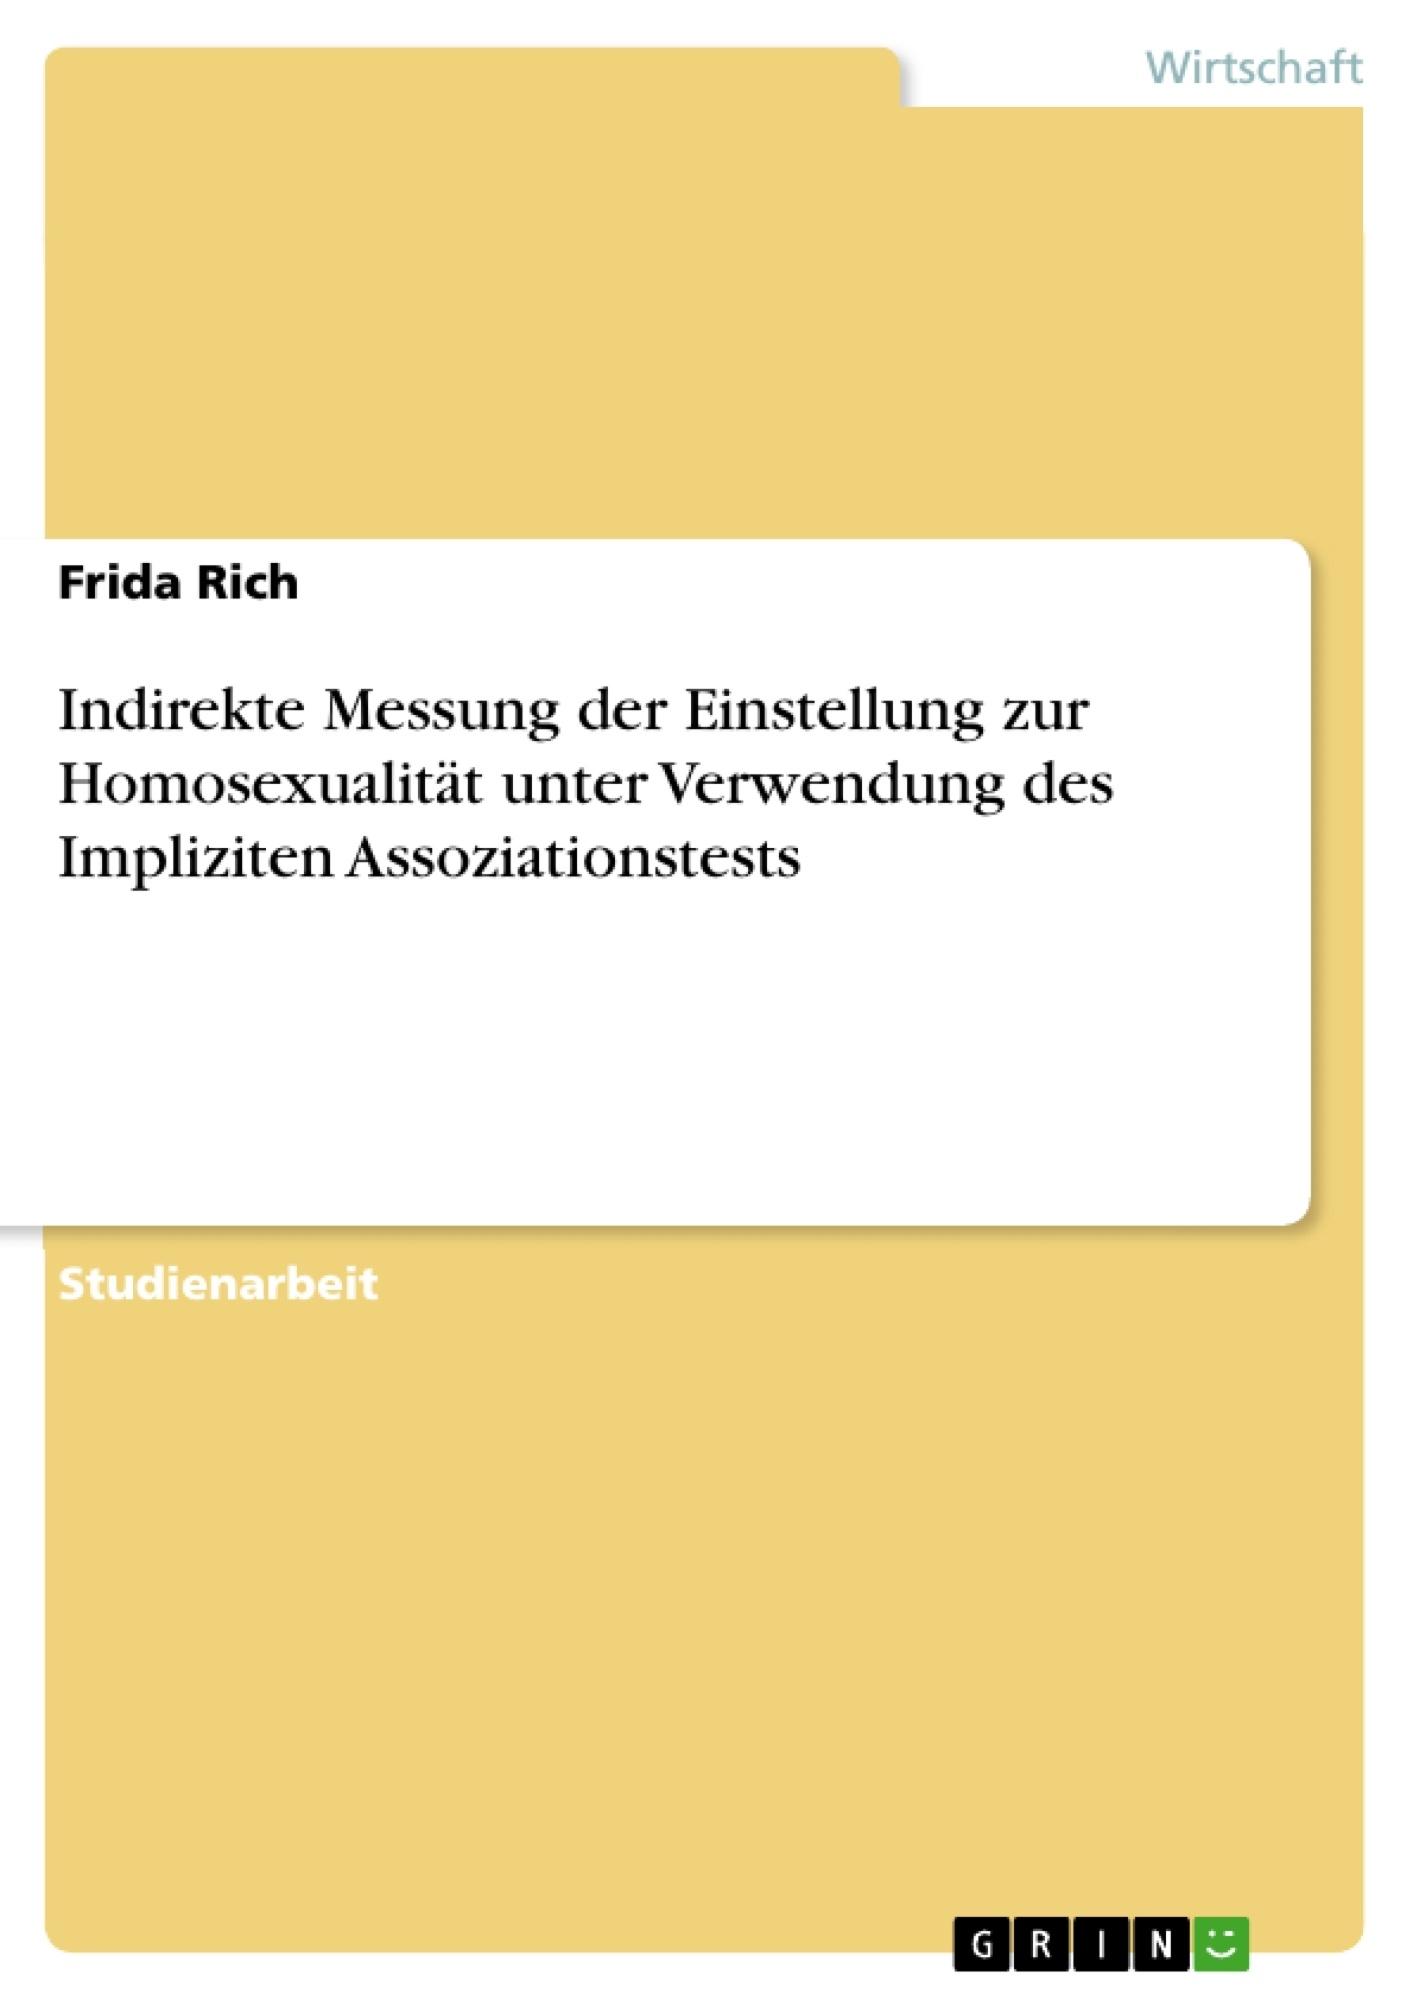 Titel: Indirekte Messung der Einstellung zur Homosexualität unter Verwendung des Impliziten Assoziationstests